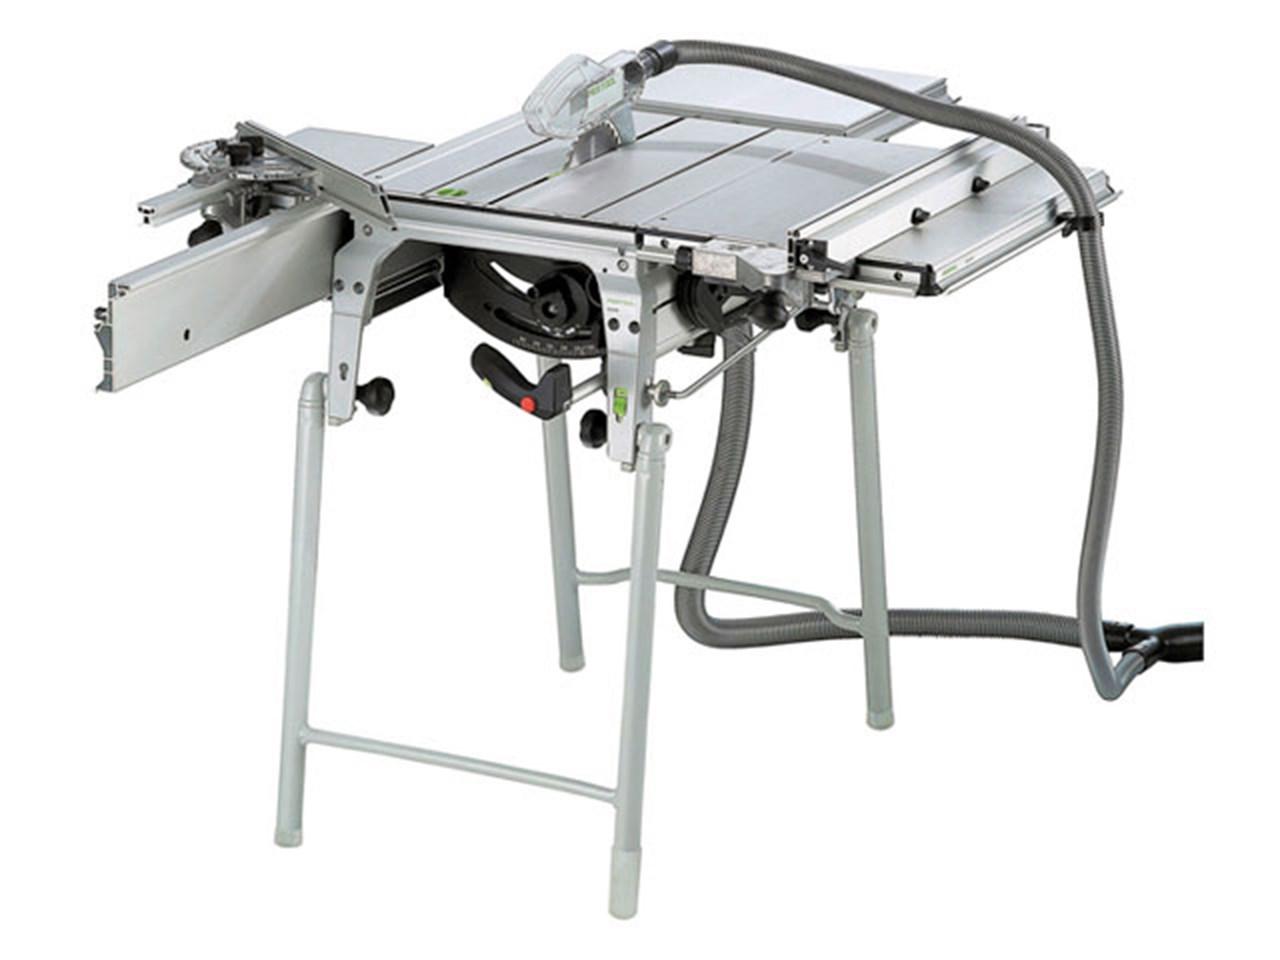 Festool cs50 eb set 240v 190mm precisio trimming saw for Table festool